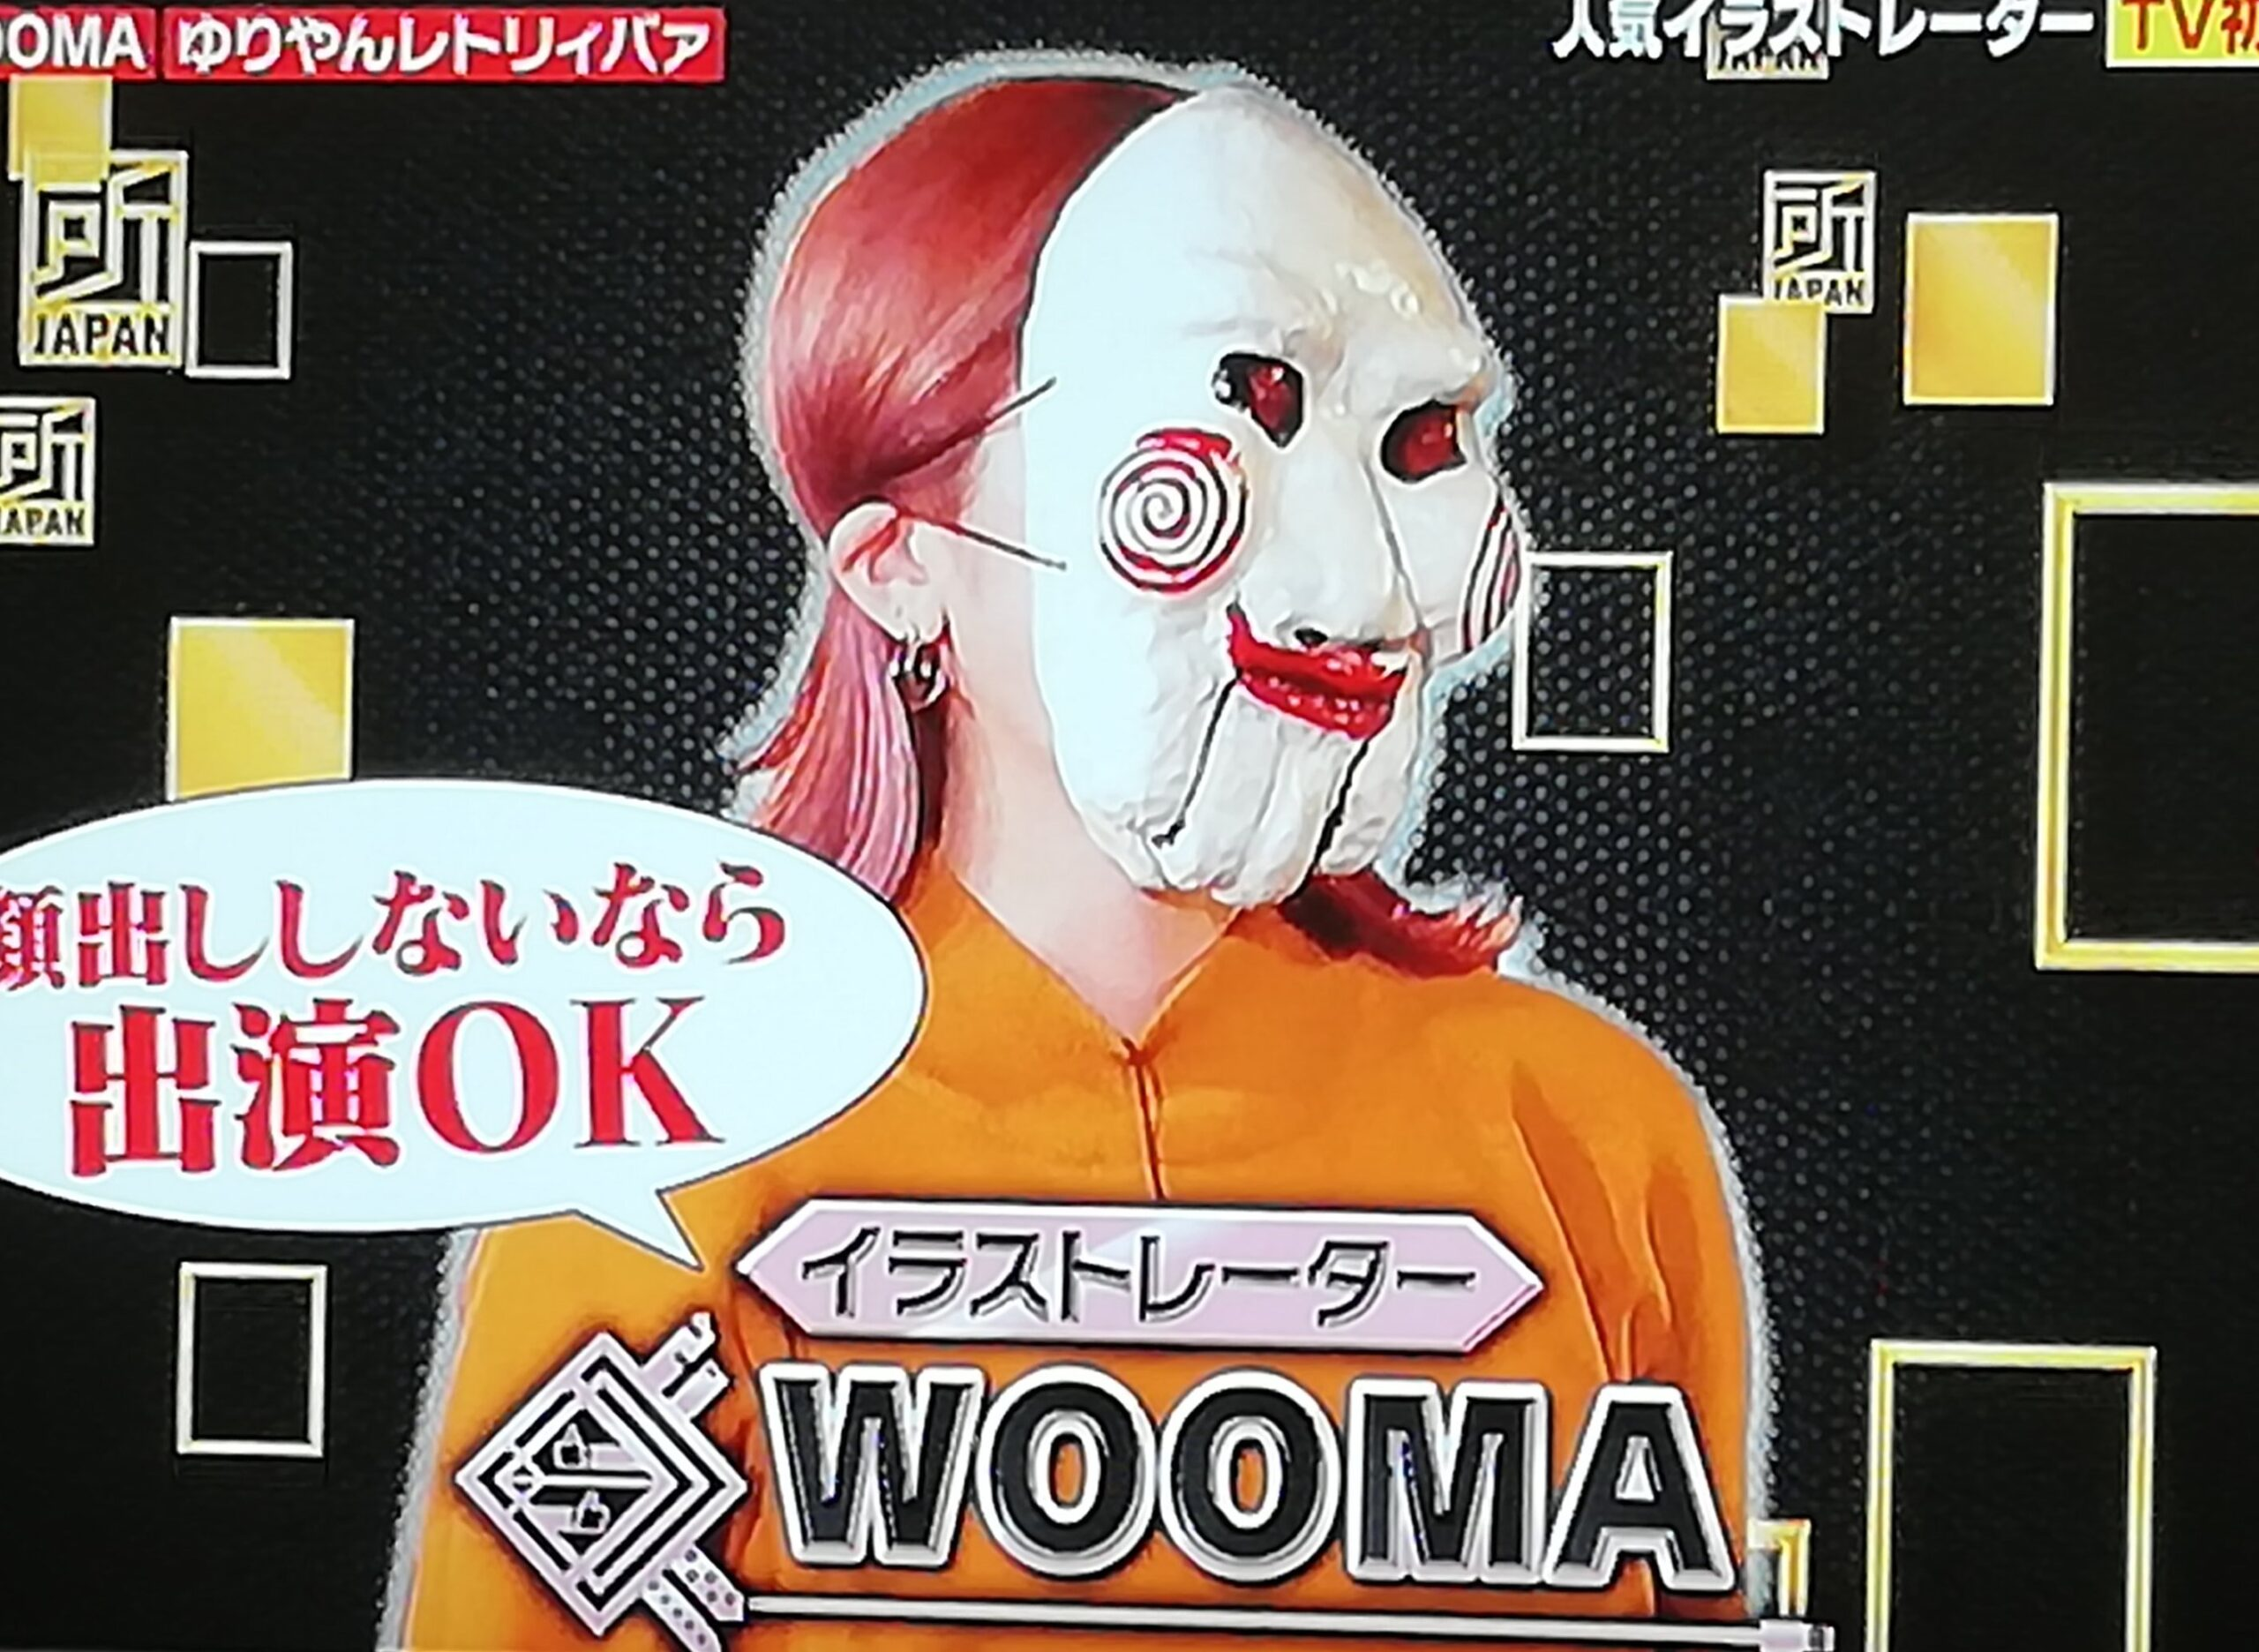 WOOMAの顔画像